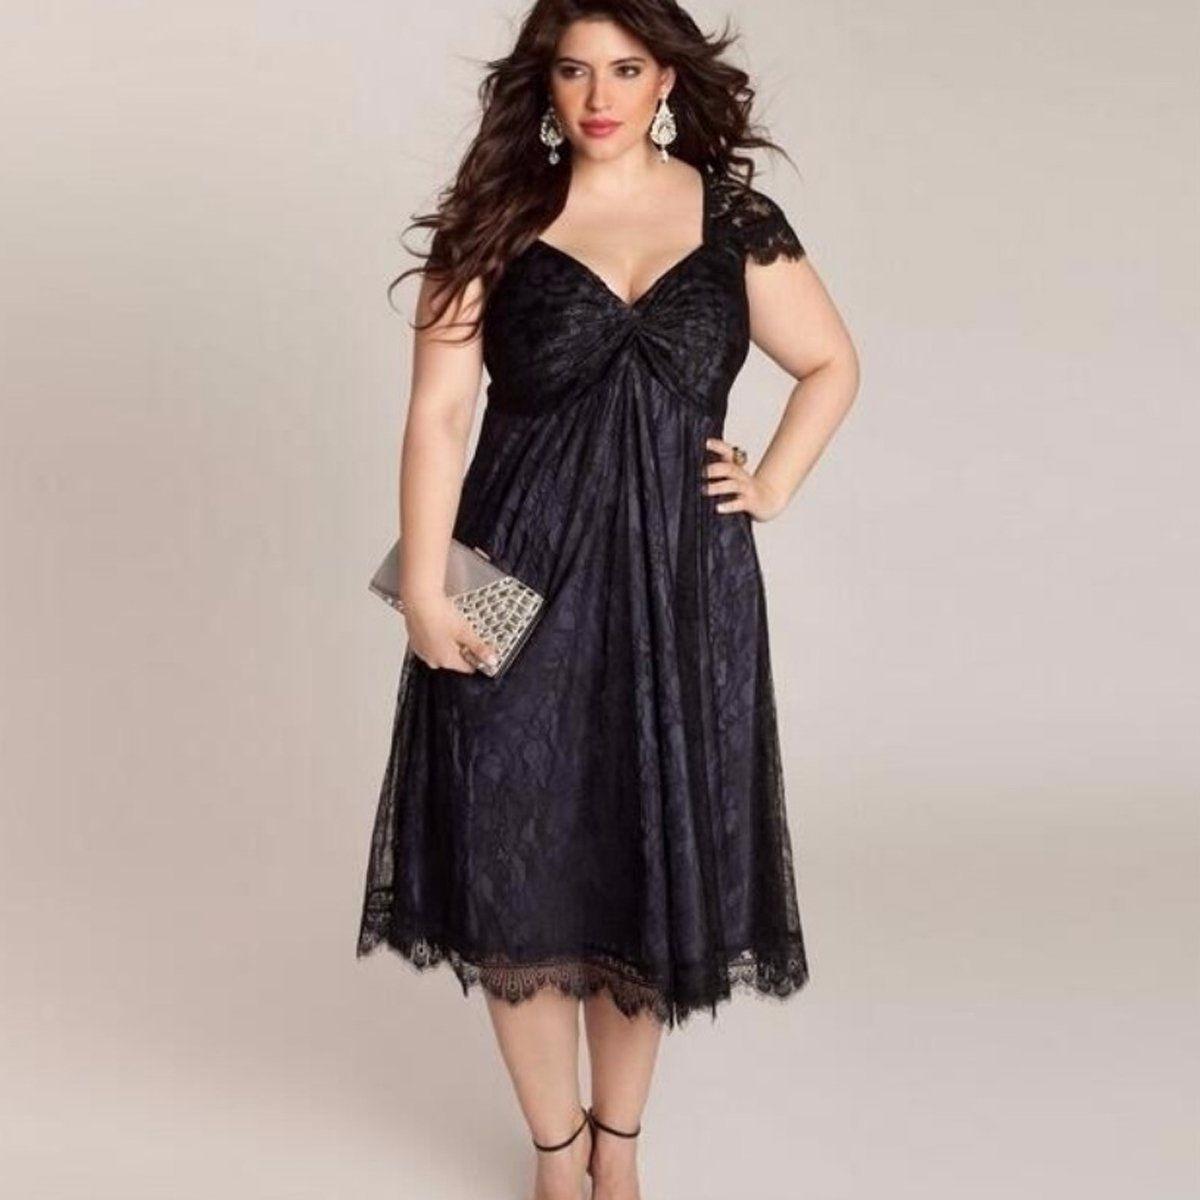 Vestido formal mujer negro